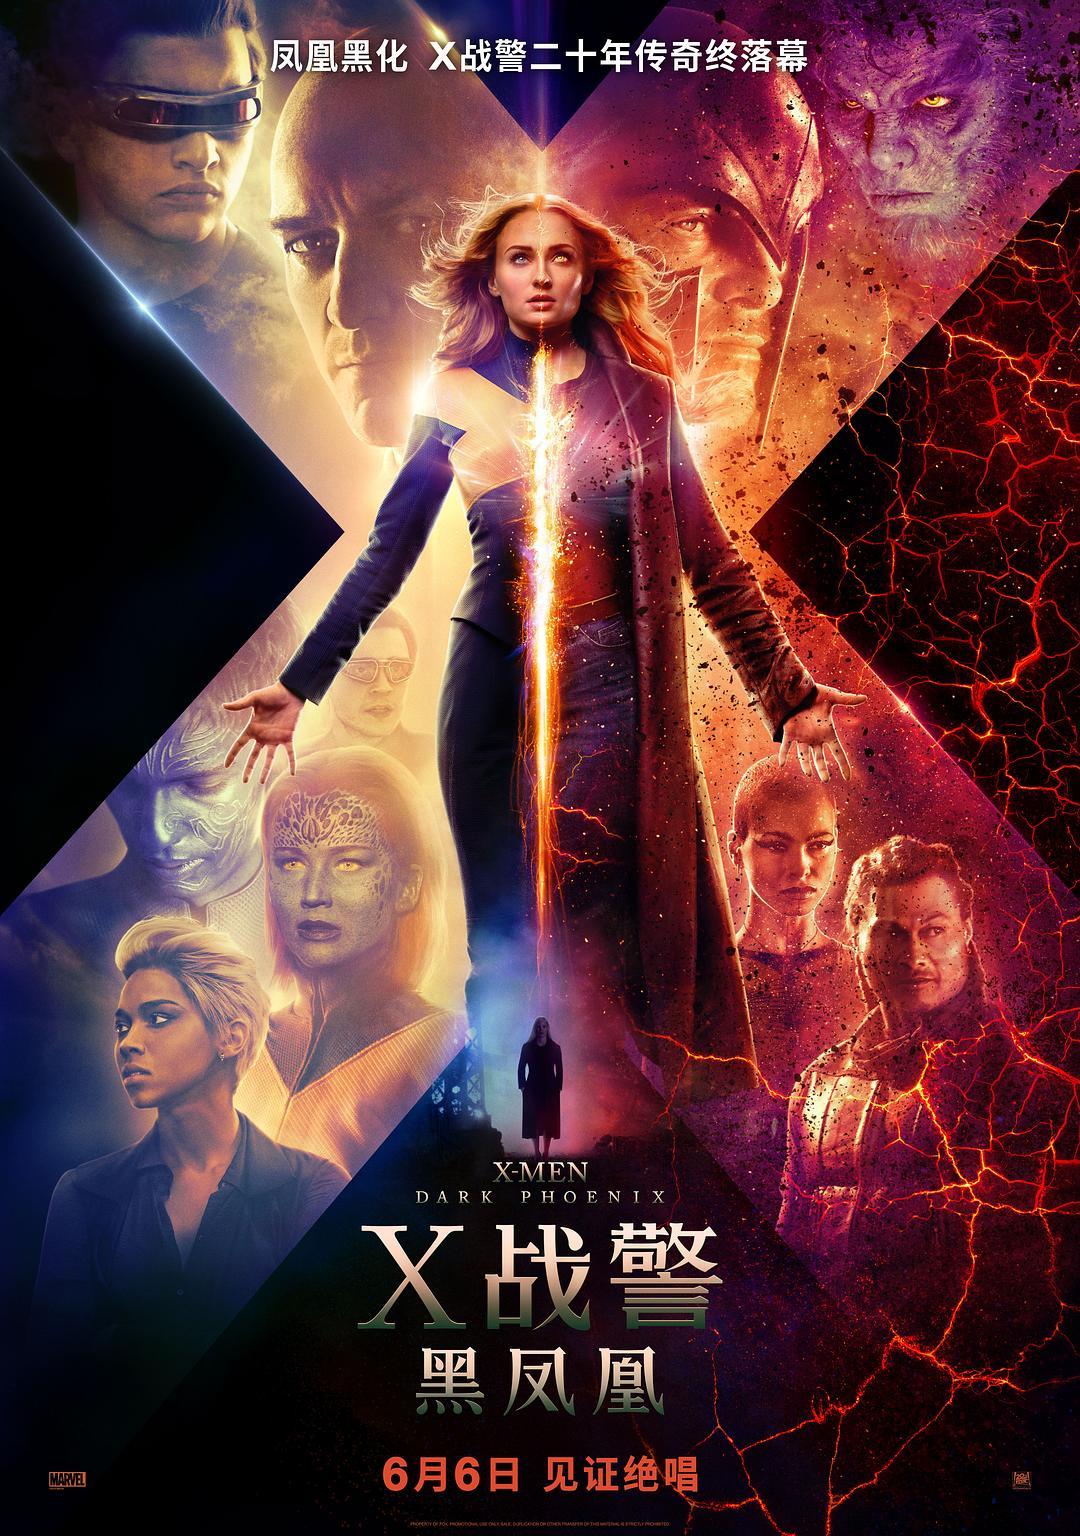 X战警:黑凤凰电影